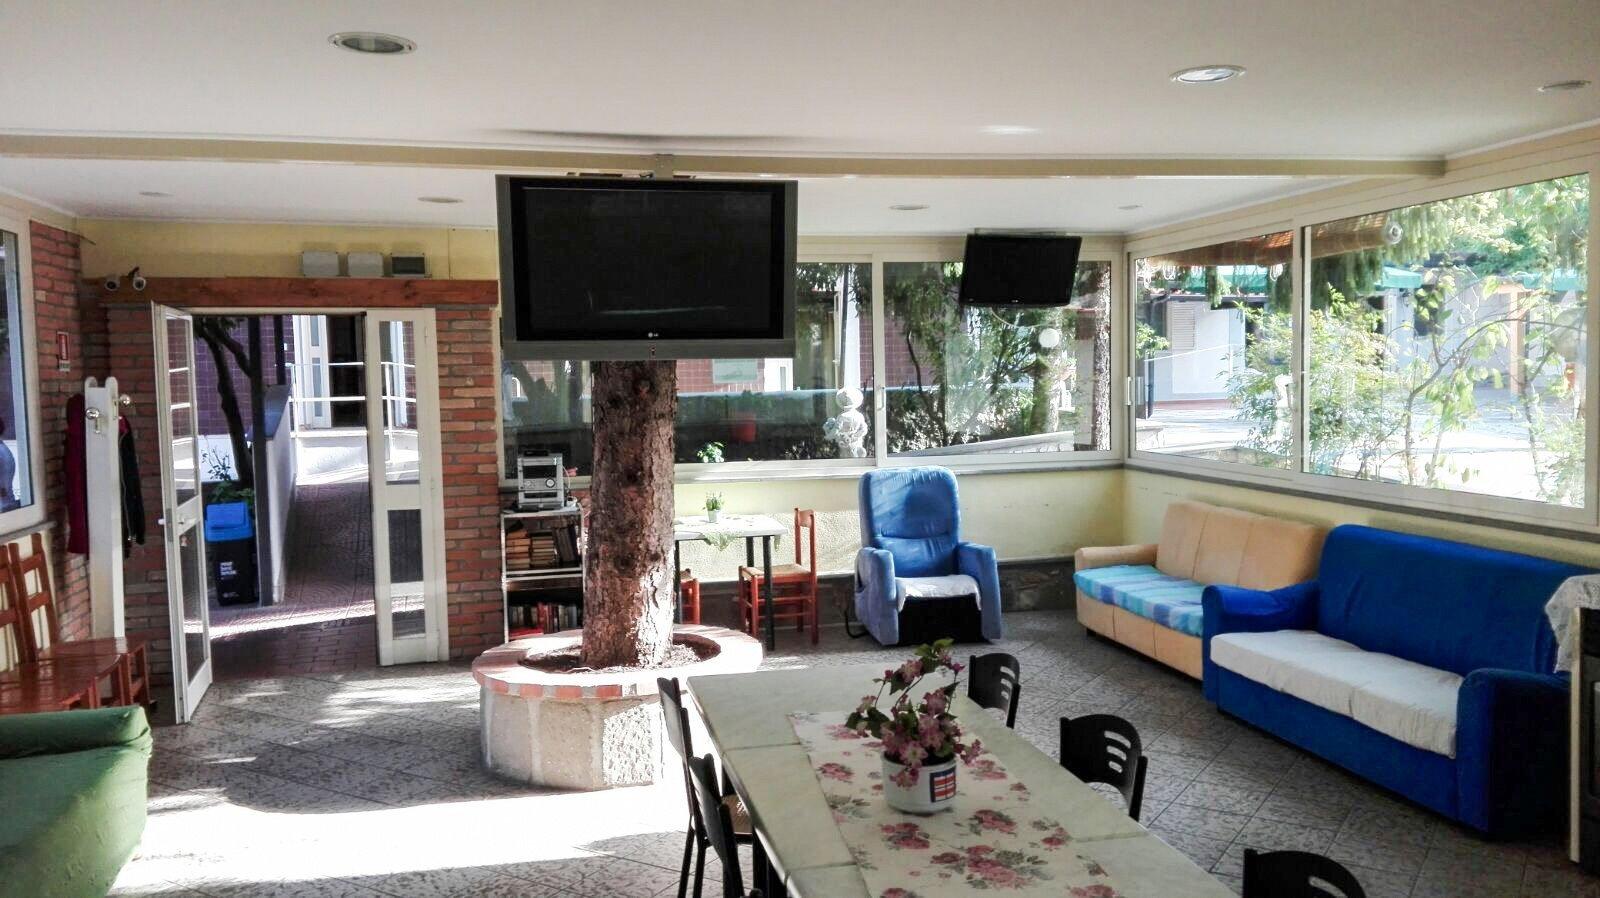 sala ricreativa con tavolo e sedie, poltrona blu e tv